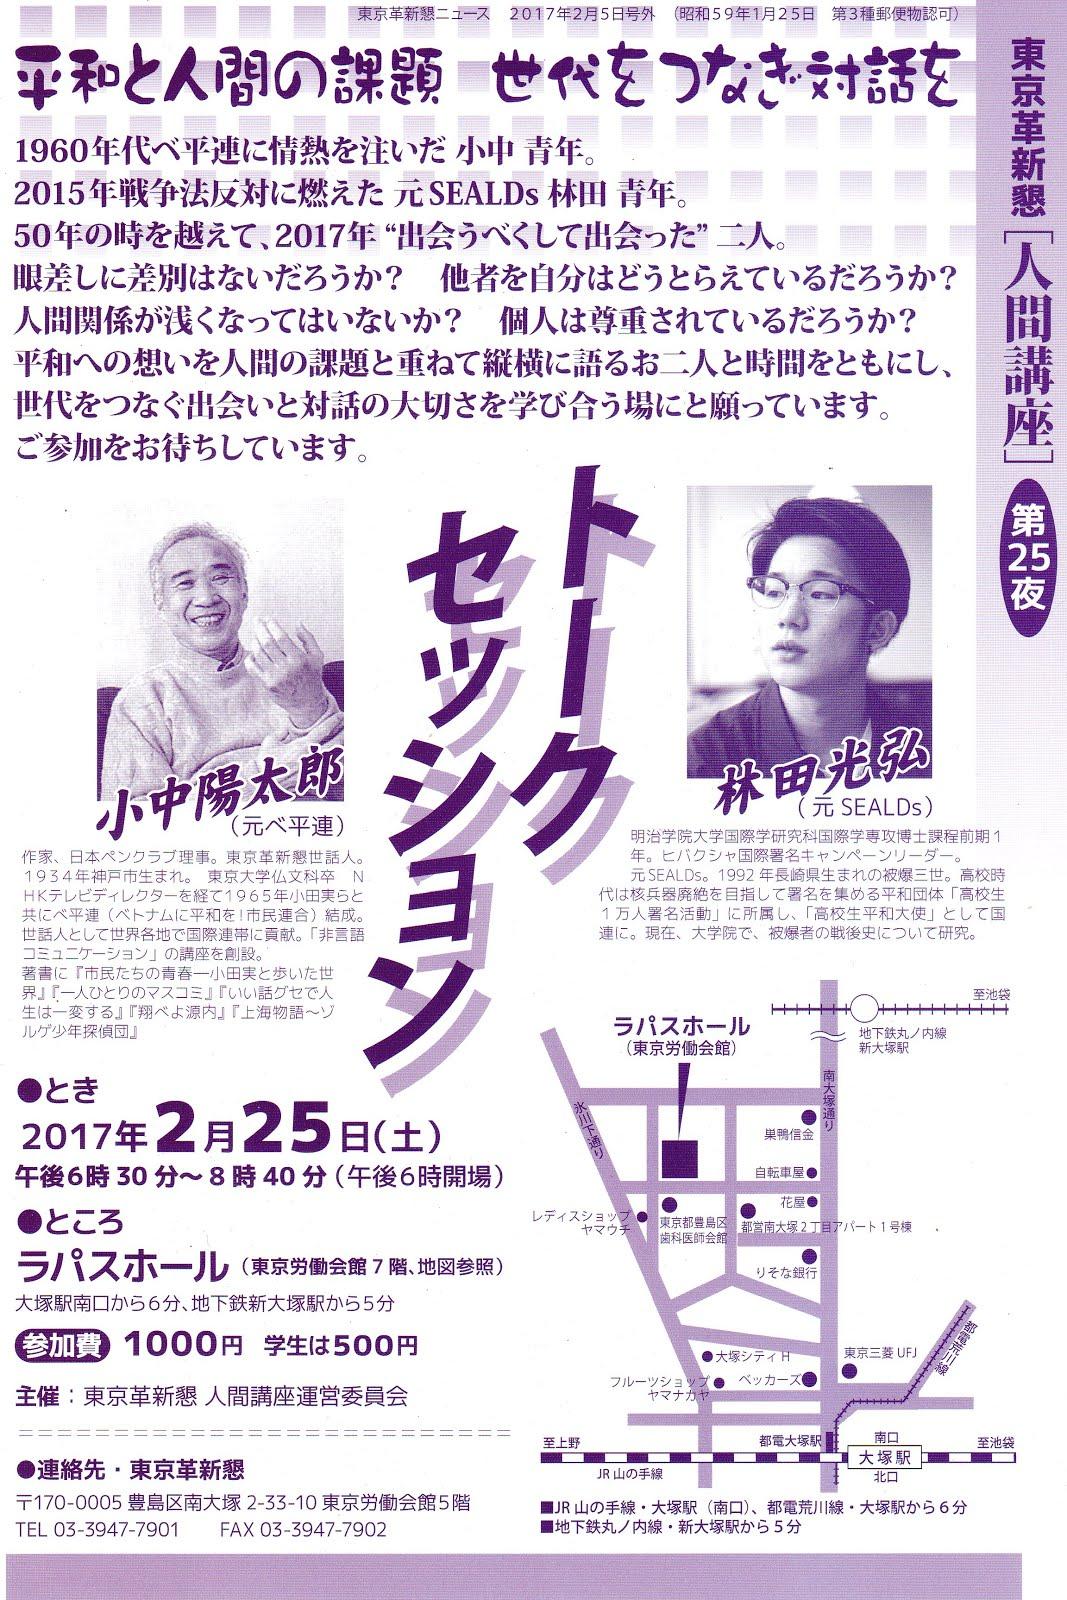 東京革新懇の人間講座 作家の小中陽太郎さんと元SEALDsの林田光弘さんのトークセッション。集会の報告は上記「人間と文化・教育」の欄に。クリックを!